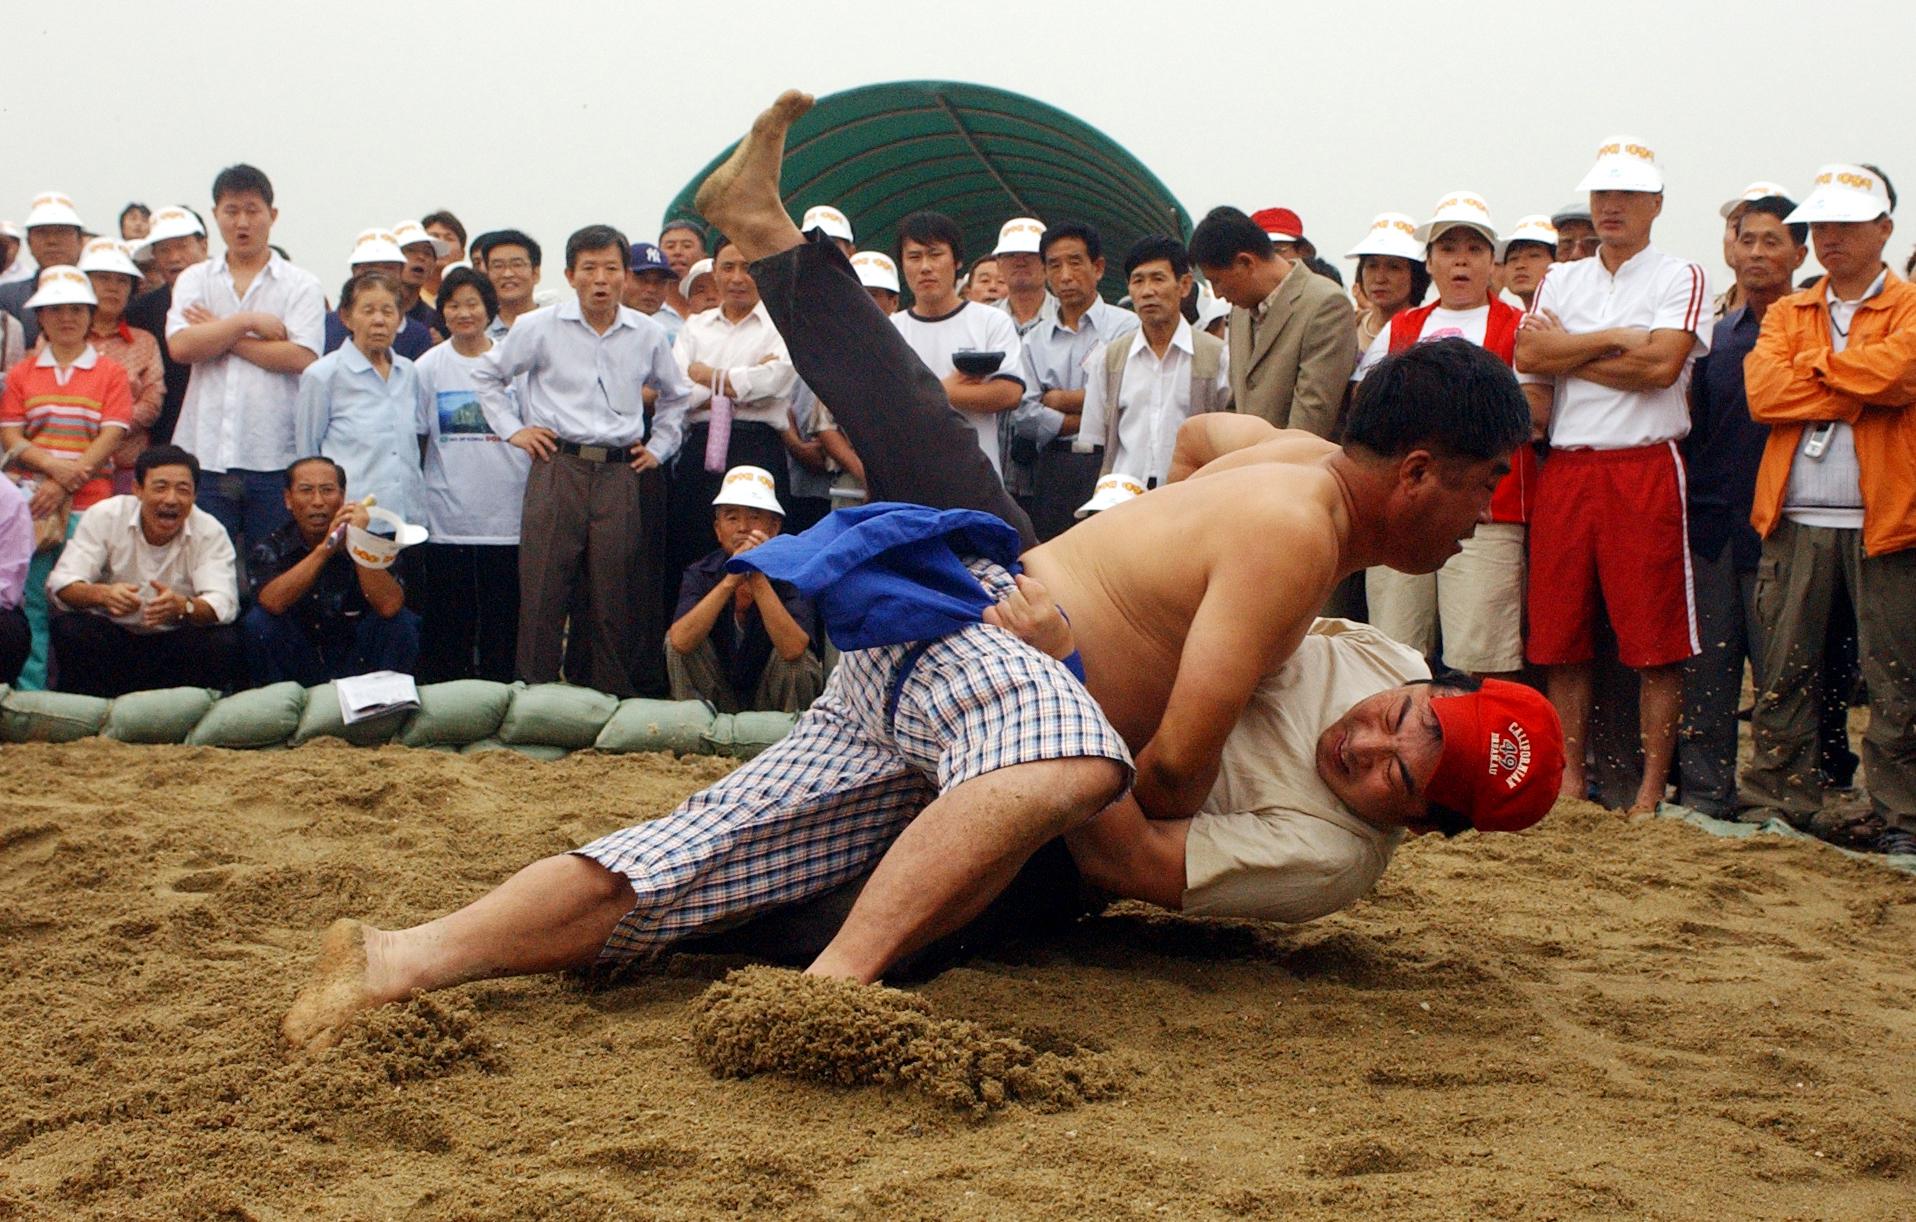 2005년 추석연휴(9월17~19일) 마지막날 서울 여의도 국회 둔치운동장에서 열린 중국 동포 초청 한가위 대축제에 참가한 동포들이 민속 씨름 경기를 하고 있다. [중앙포토]